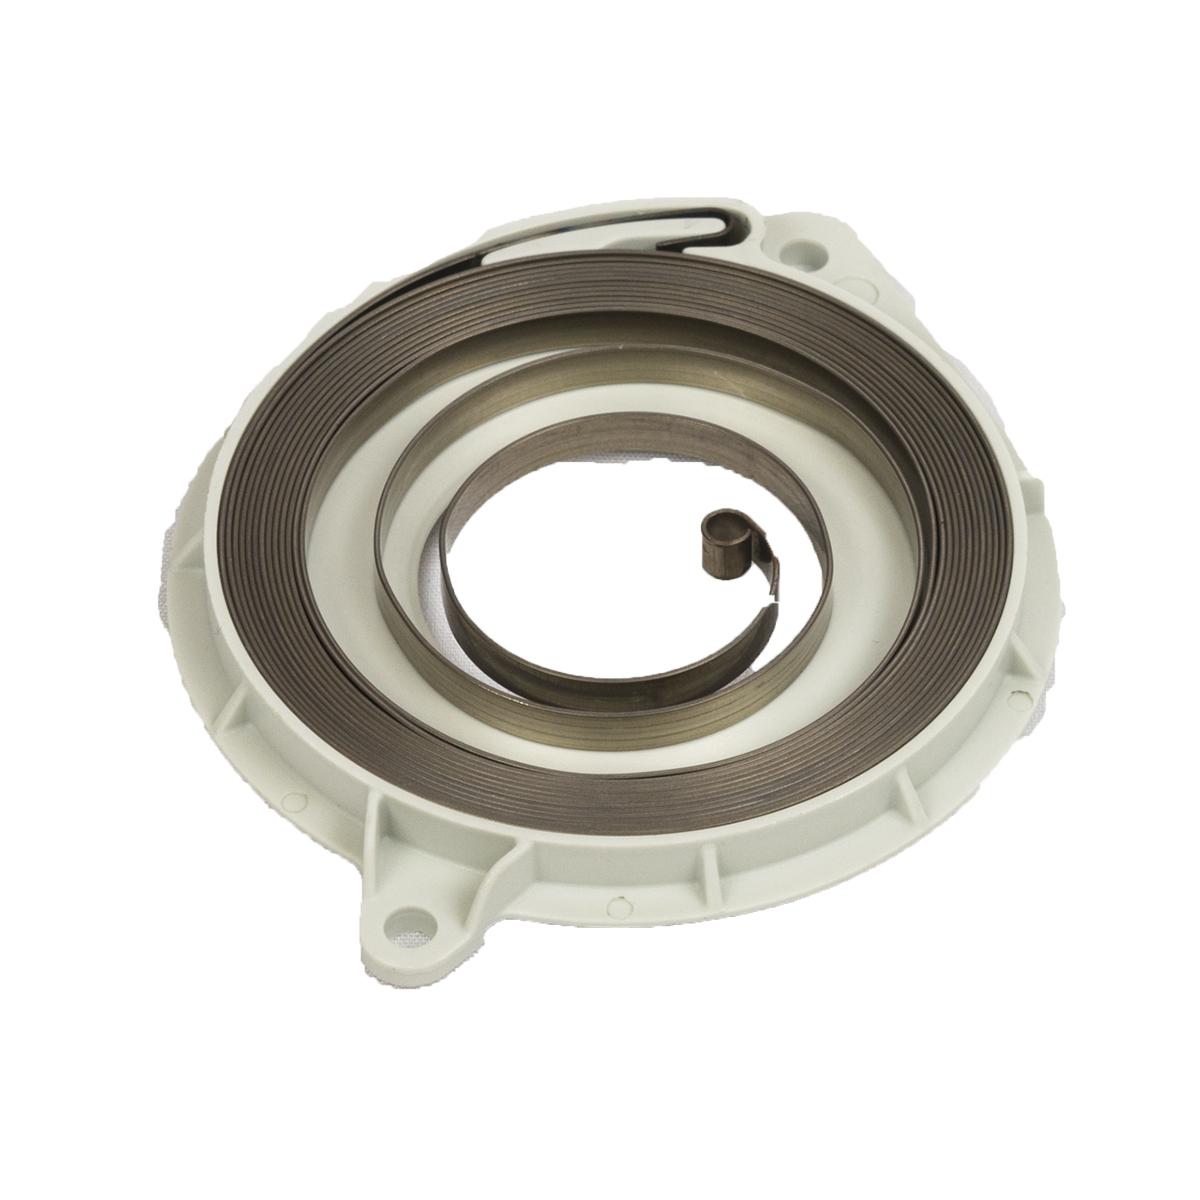 Husqvarna Spring Cassette Assy 540057502 Husqvarna Parts Sales